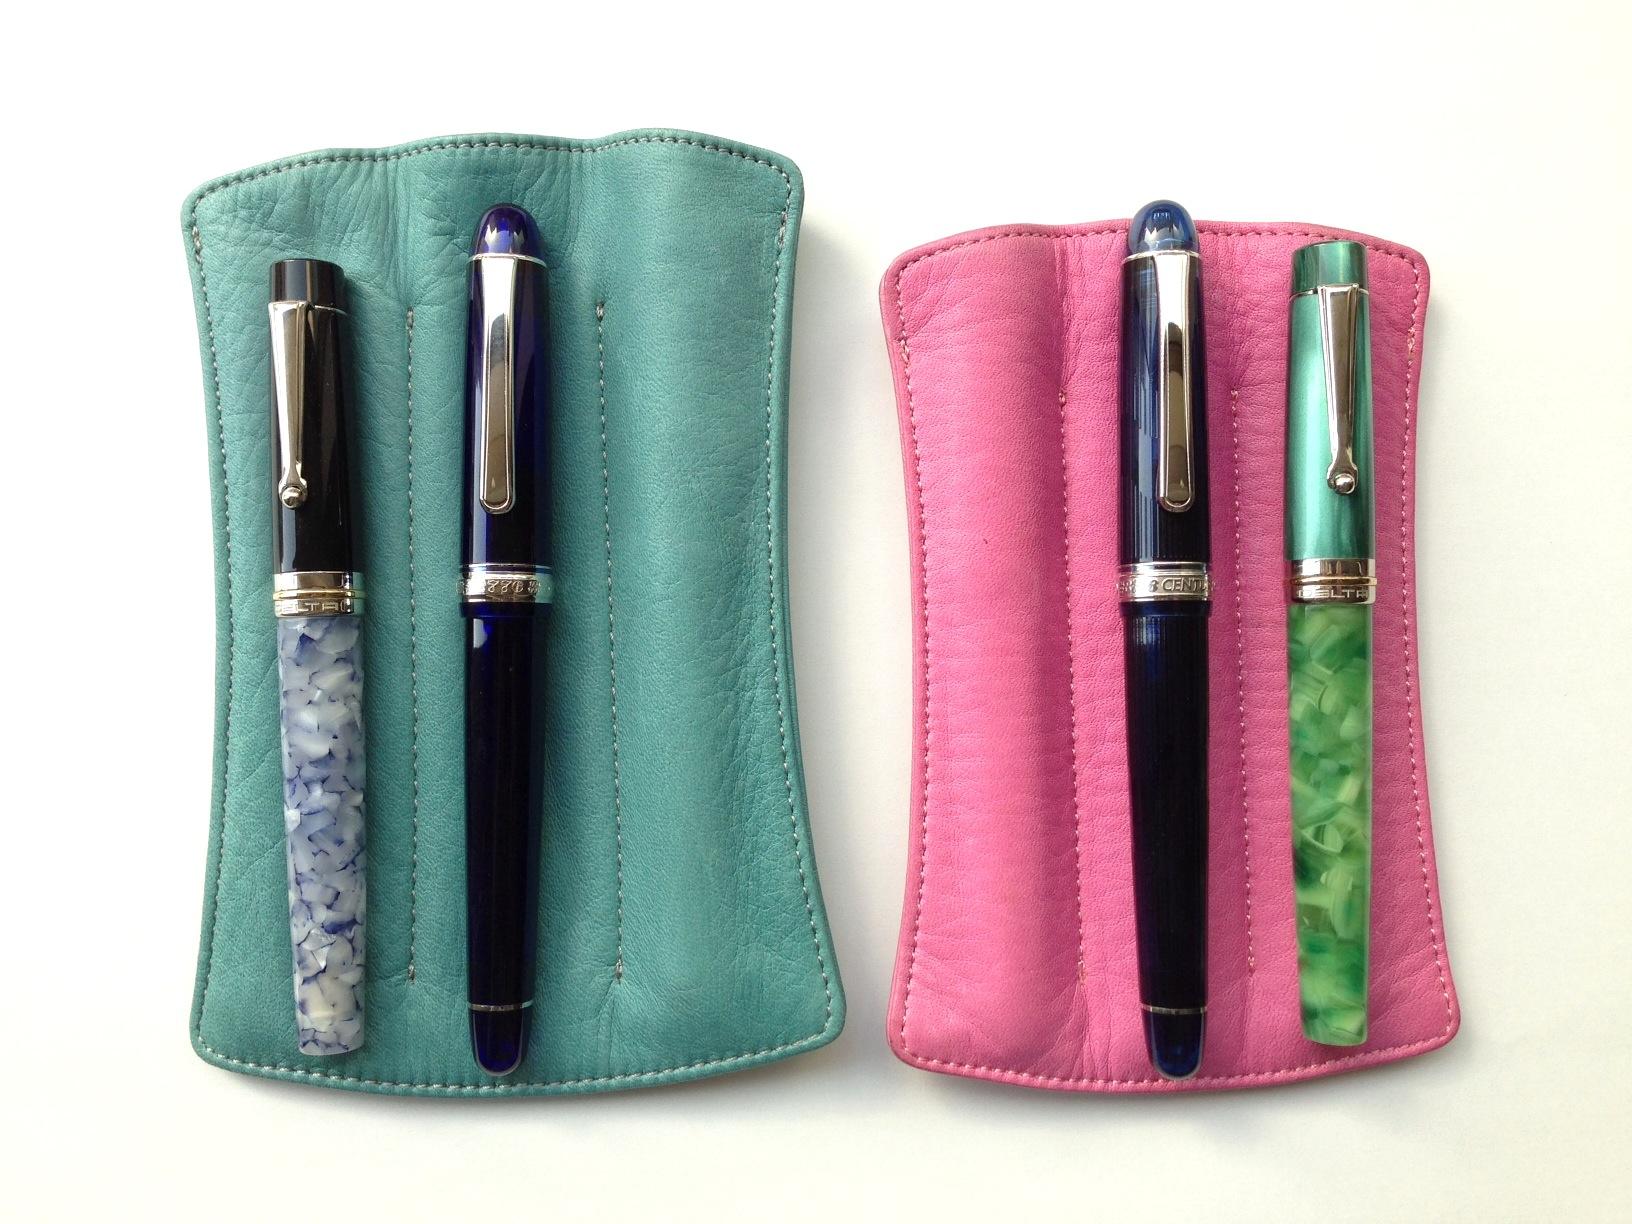 小日向京のひねもす文房具|第六十三回「NAGASAWA PenStyle キップ 3本差し ペンケース」